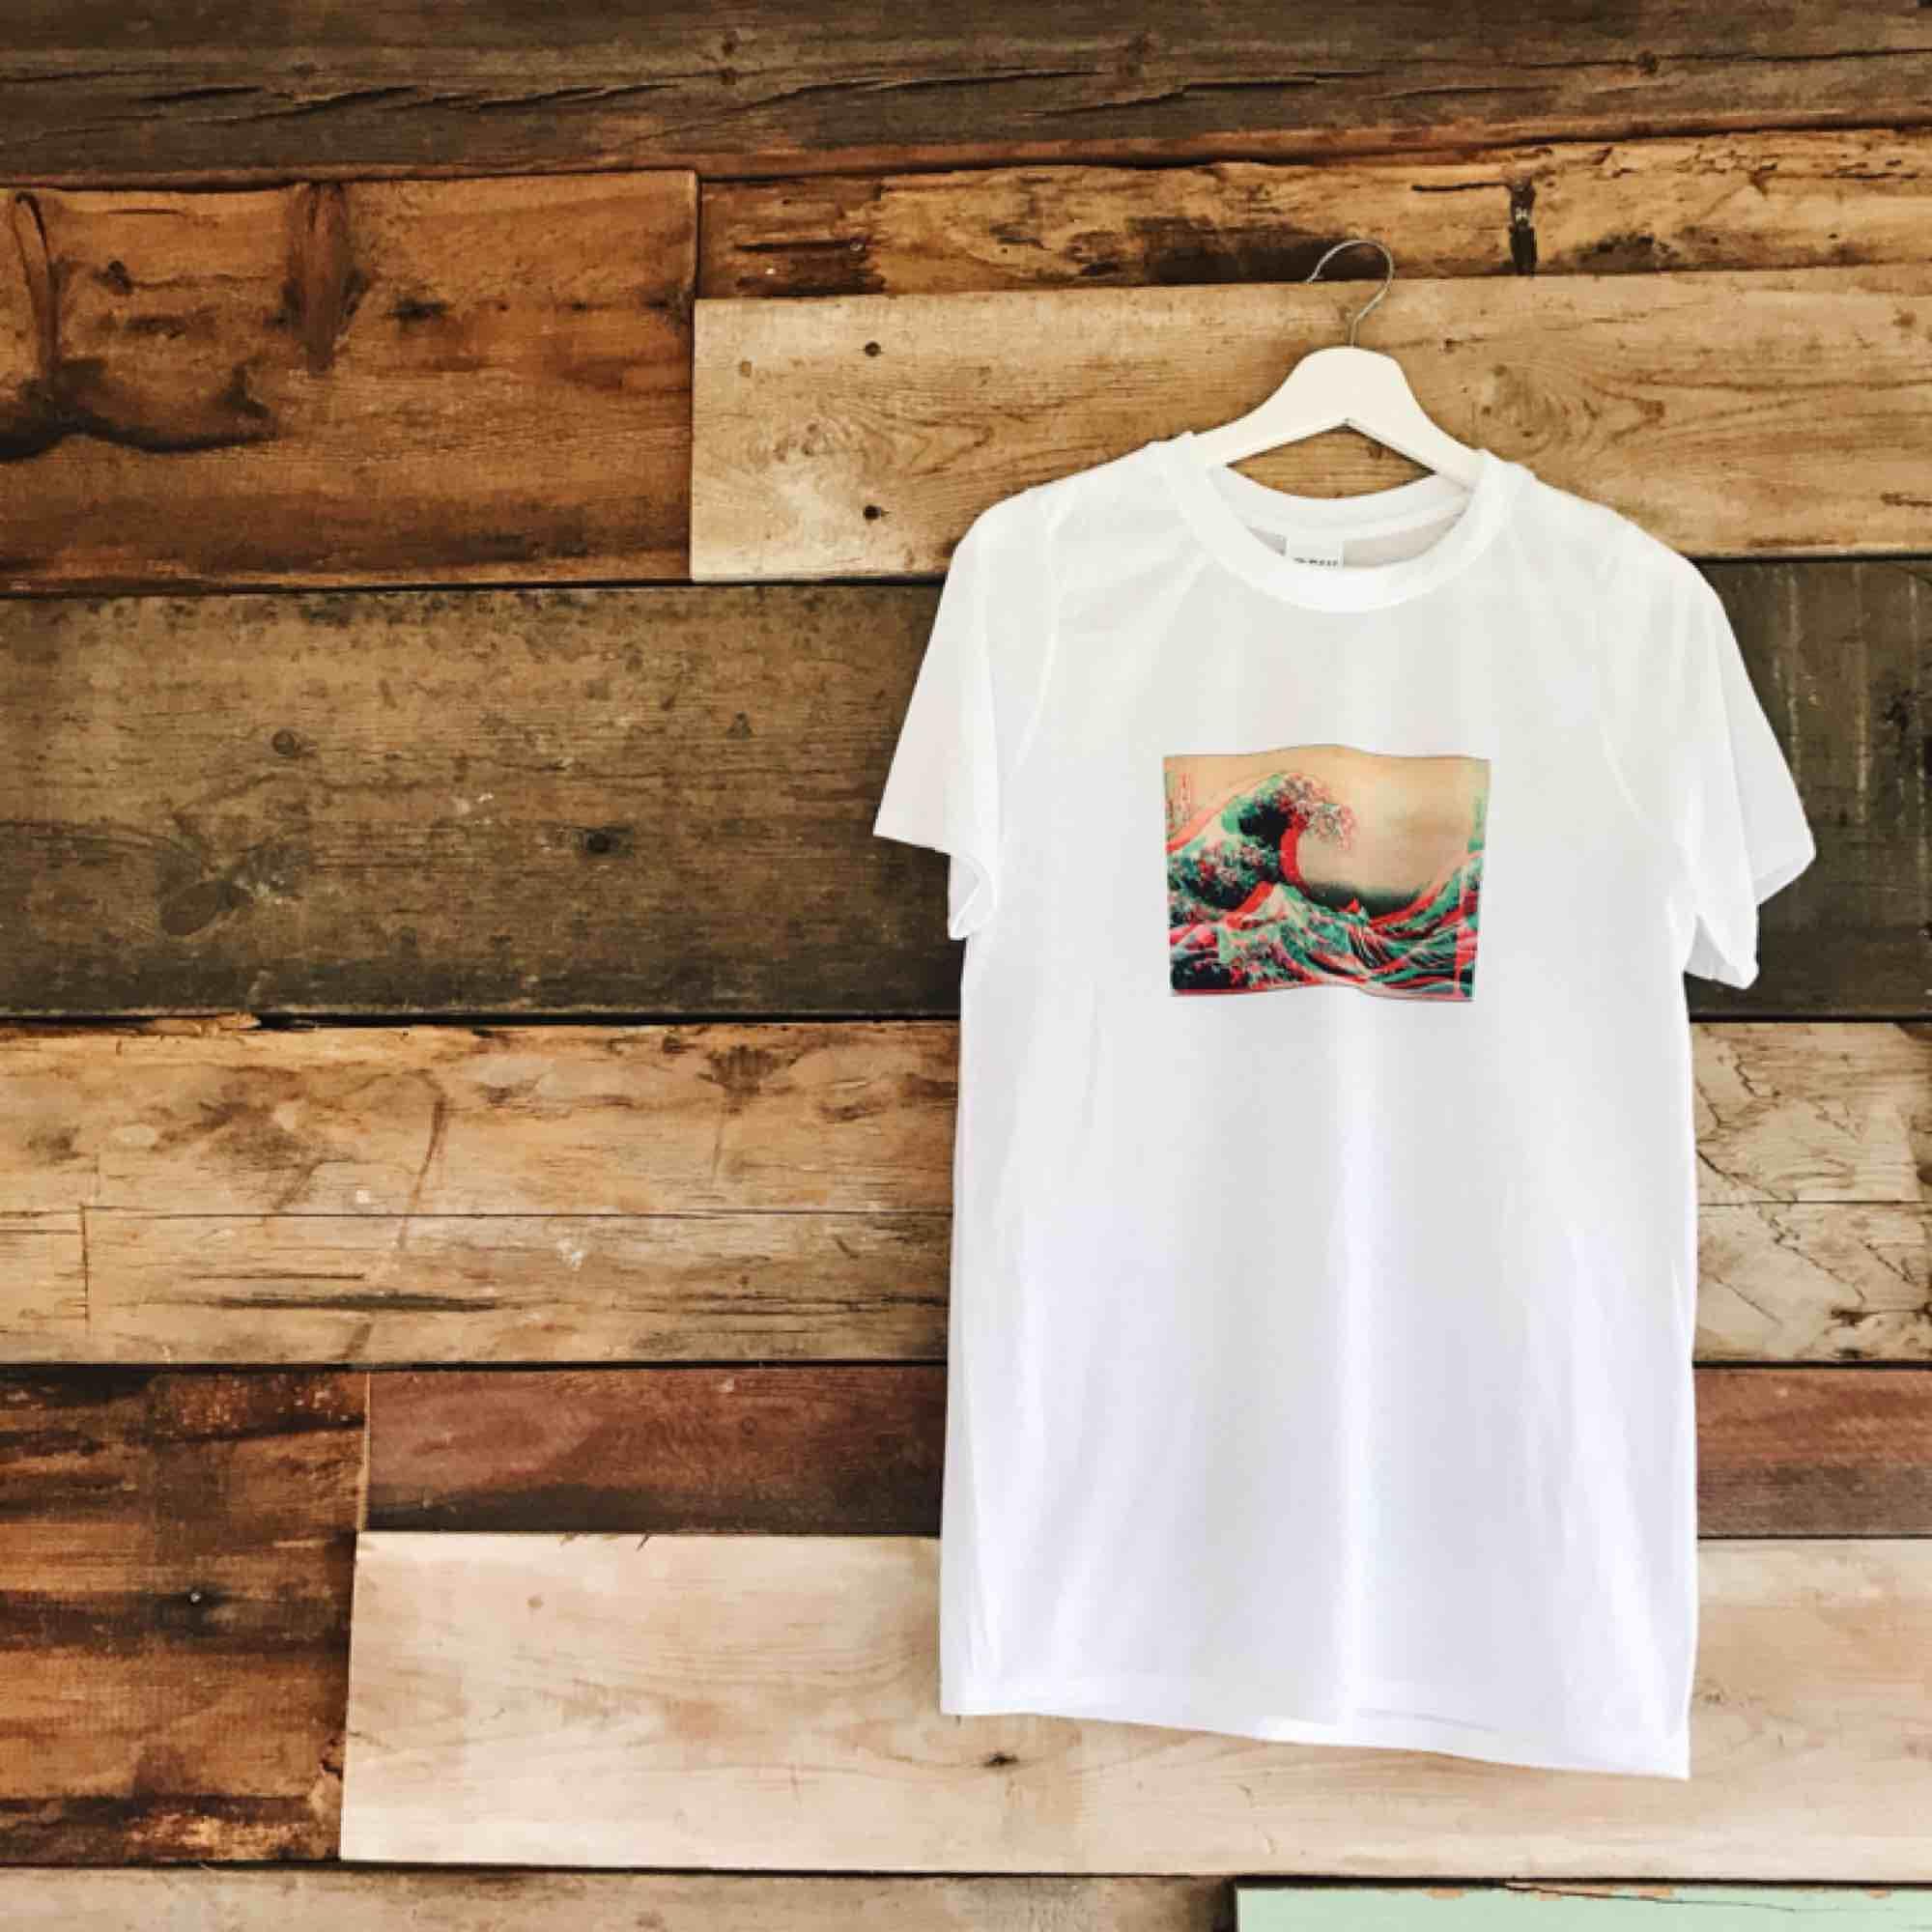 🧨THE GREAT *GLITCHY* WAVE TEE 💥Finns i S-L i en unisex modell🧨Kontaka via plick eller maila theteeandtee@gmail.com för att beställa, önska egna tryck eller ställa frågor💥Betalning sker via swish🧨GRATIS frakt över hela landet!. T-shirts.